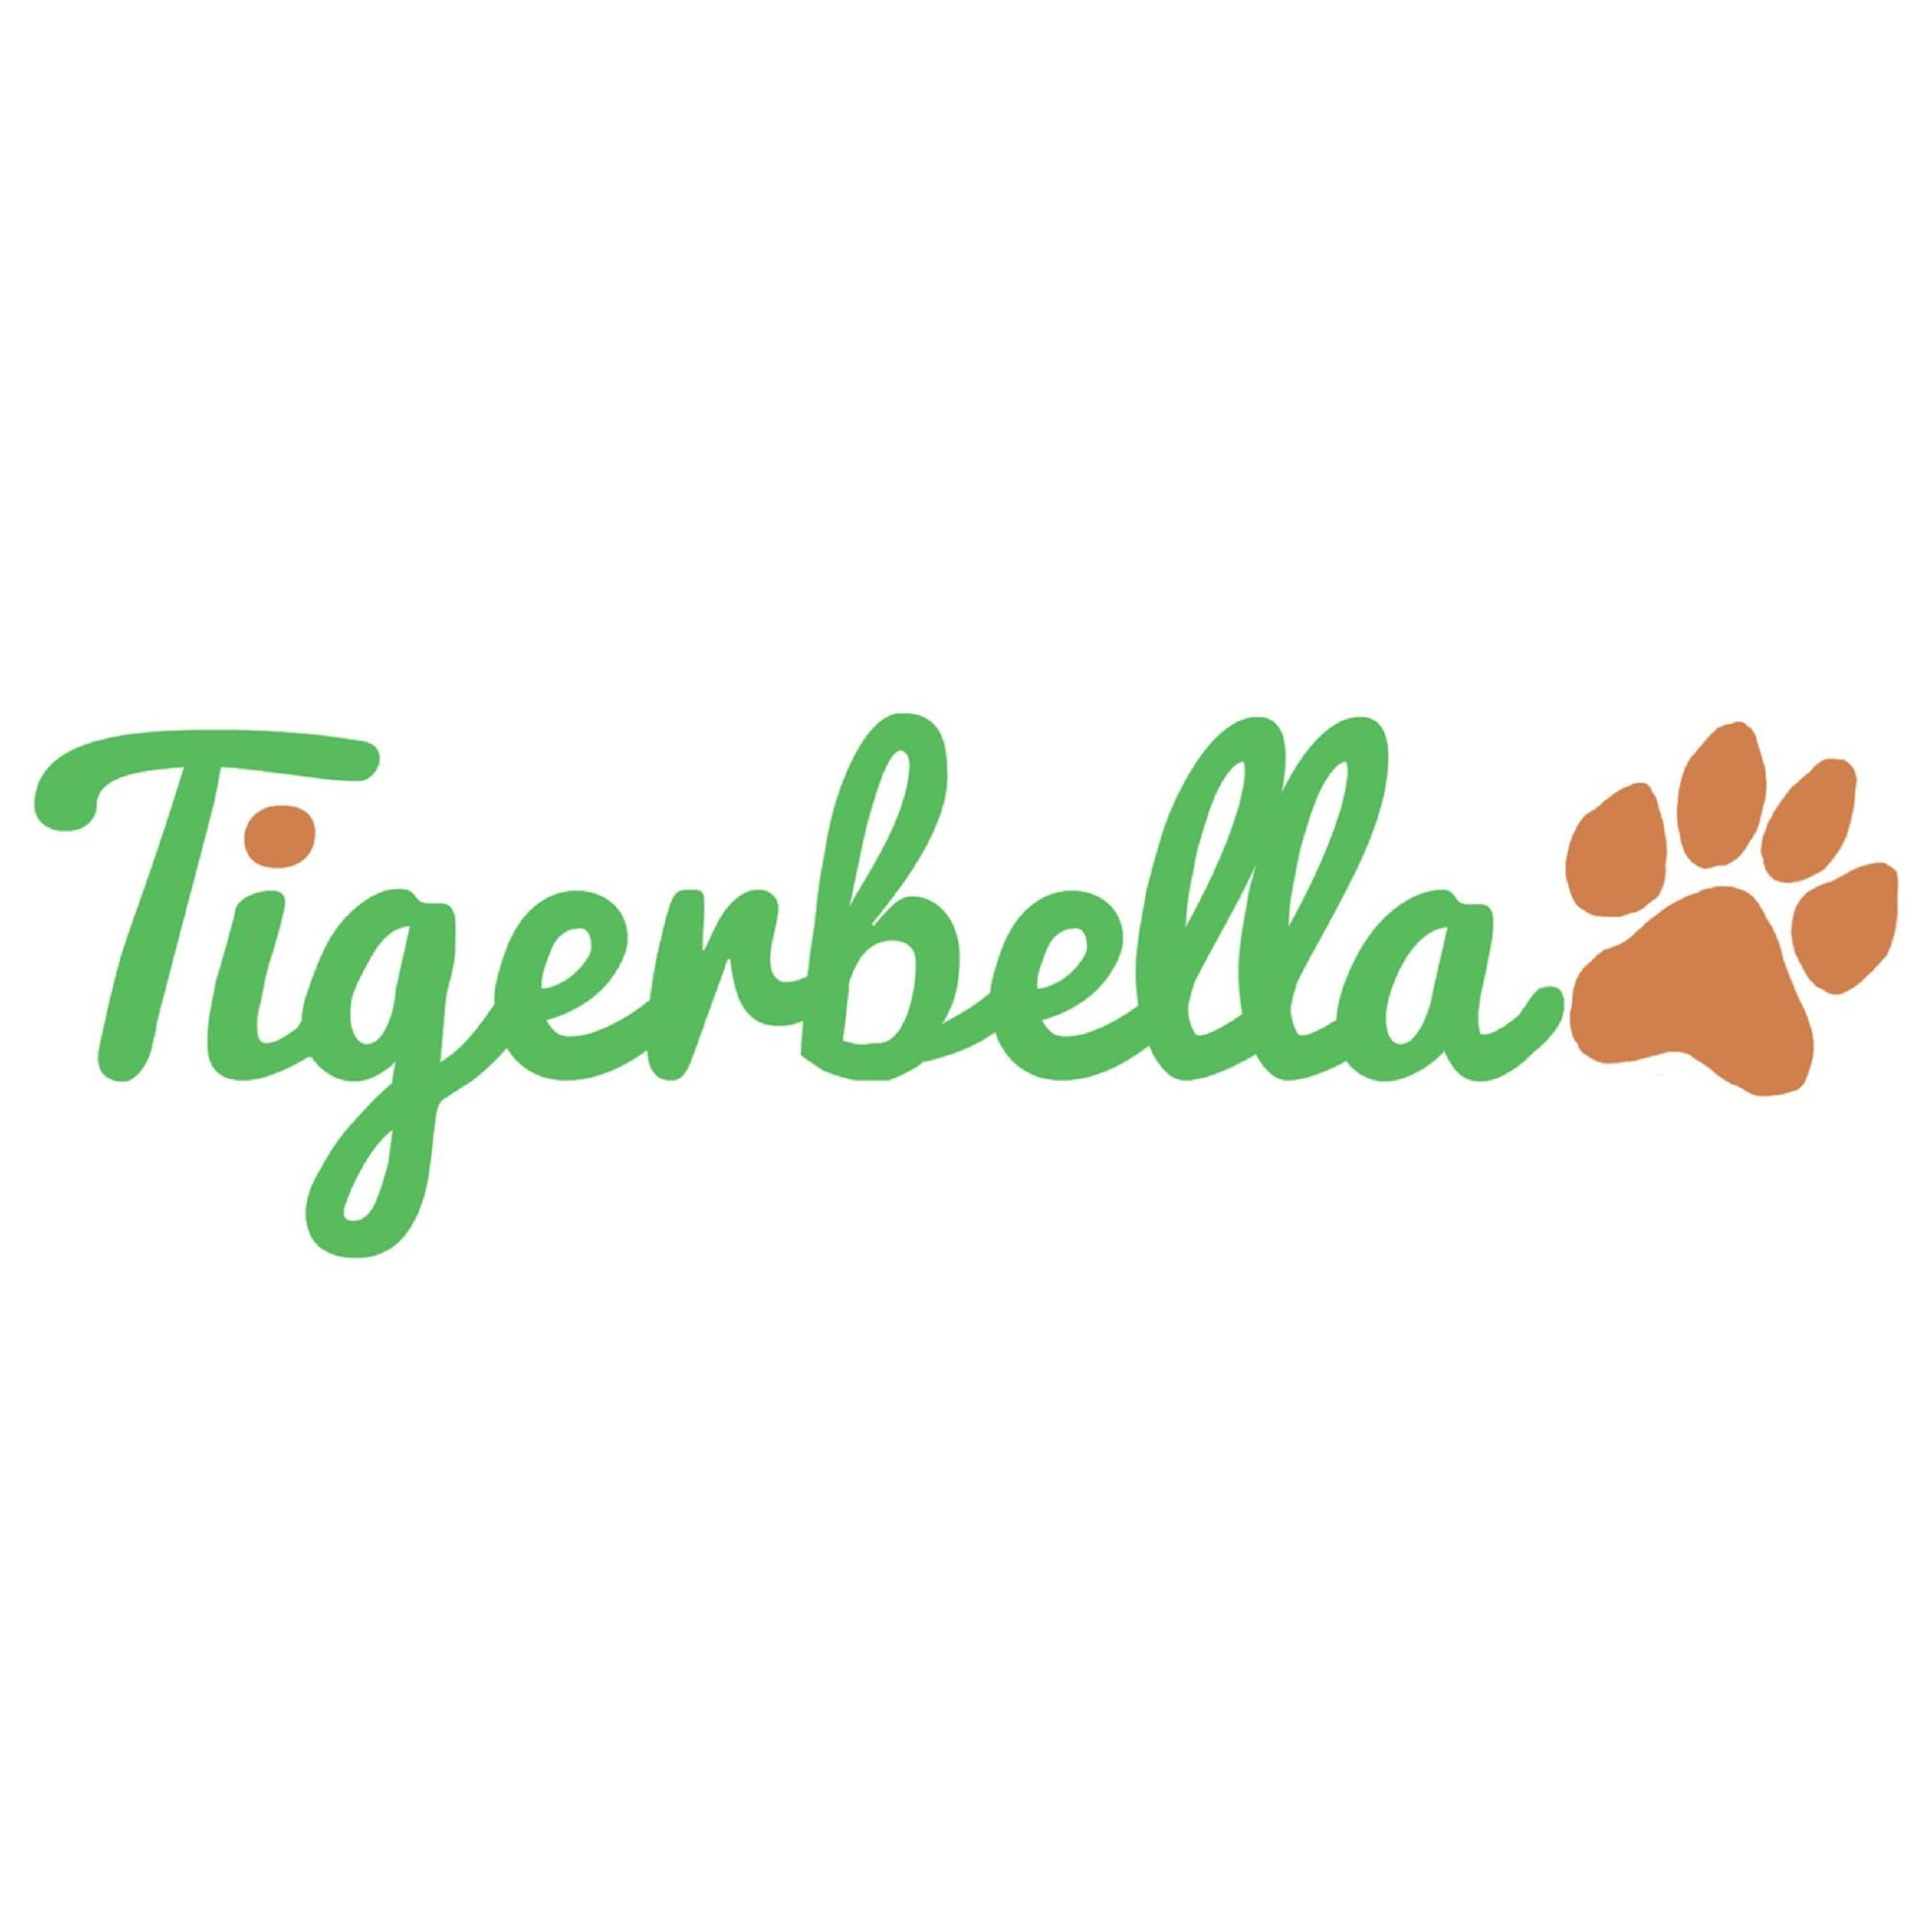 Tigerbella